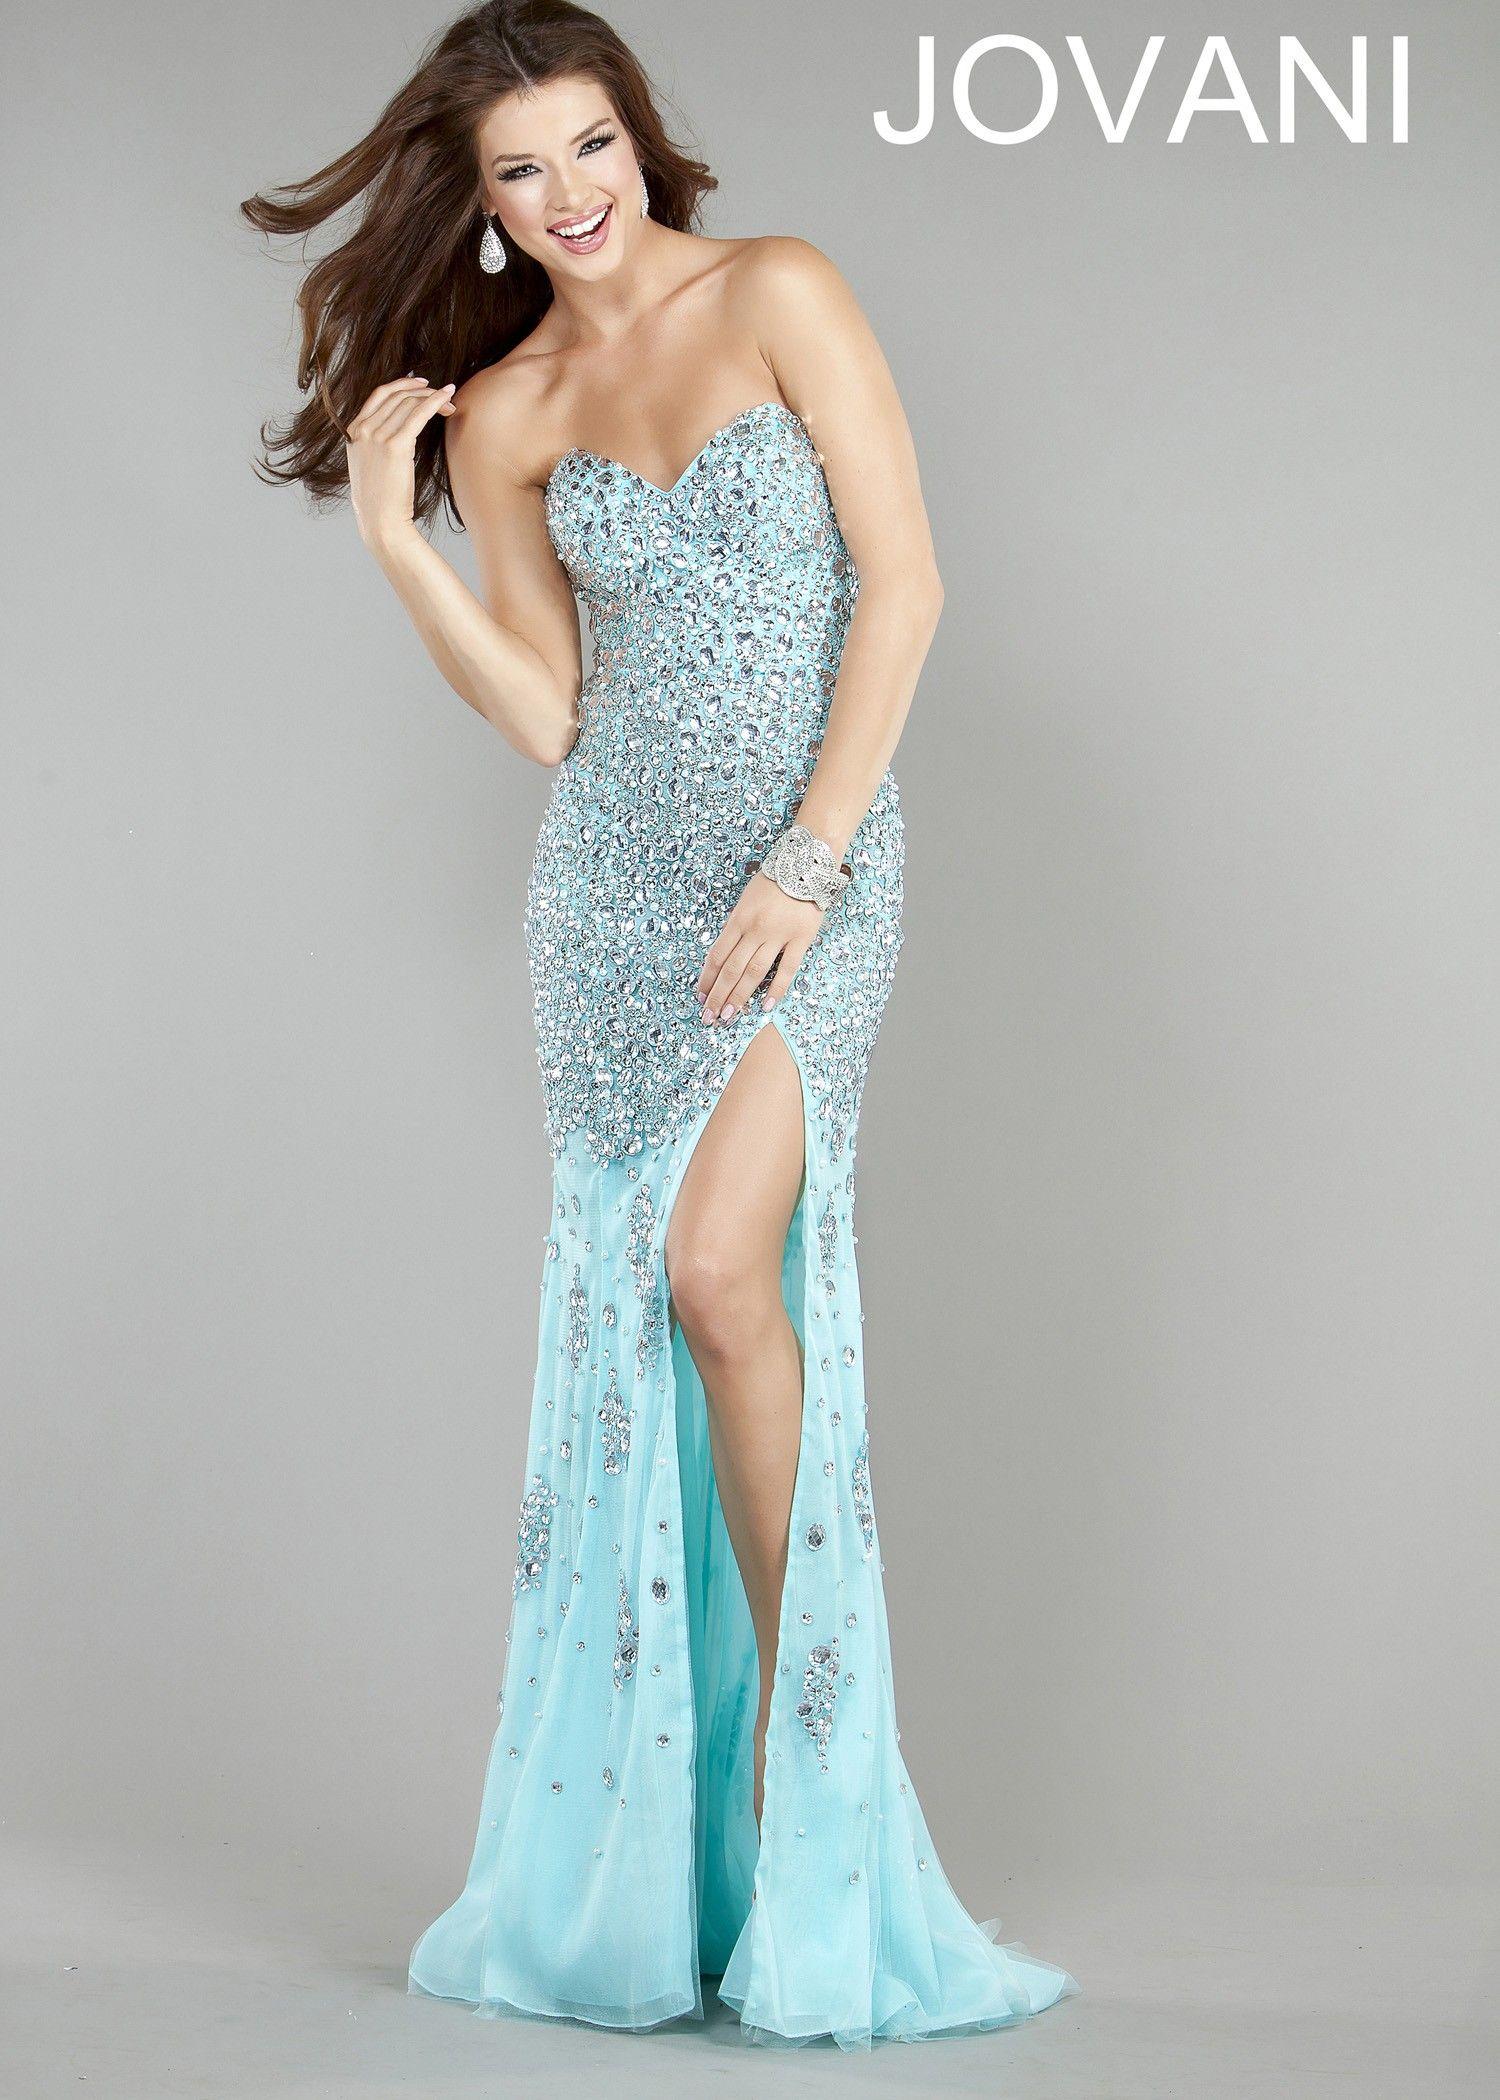 Cheap dresses similar to jovani